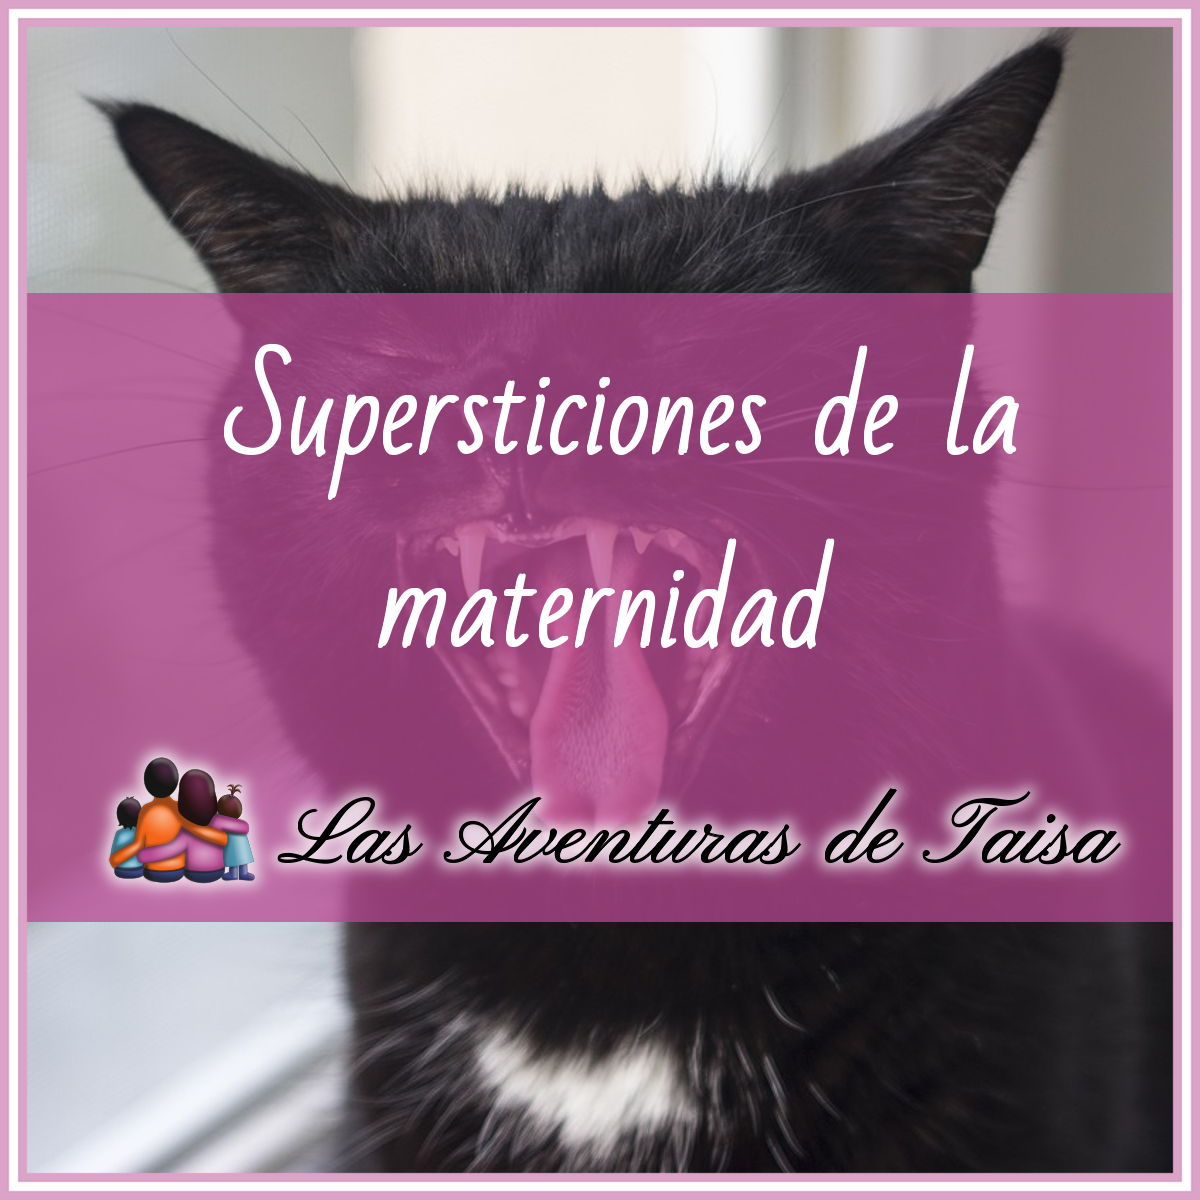 ¿Eres supersticiosa? Las supersticiones sobre maternidad más extrañas